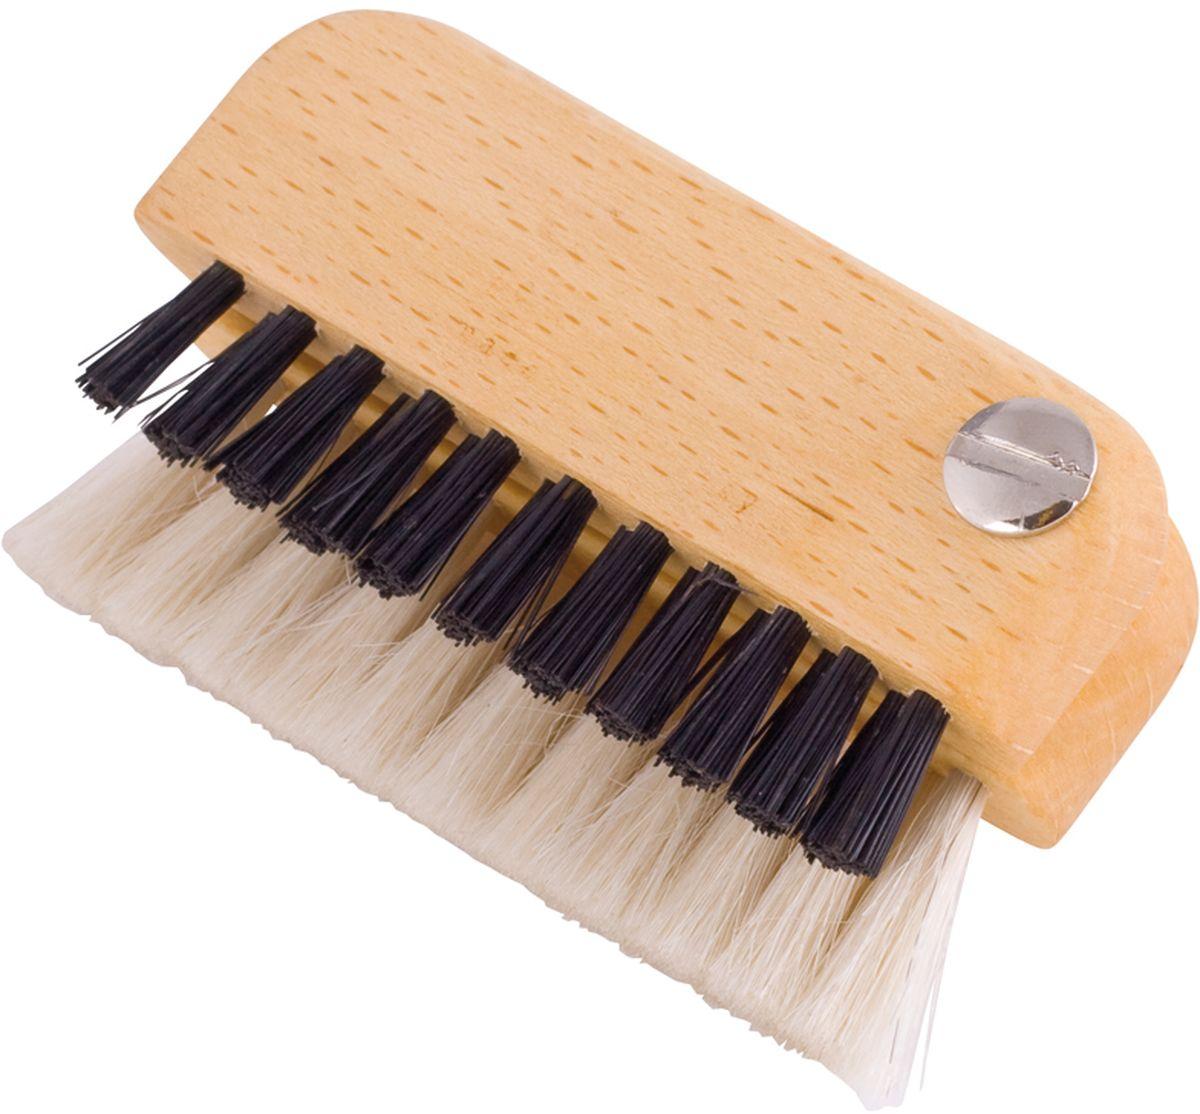 Щетка для ноутбука Redecker, длина 7,5 см460003Компактная двойная щетка Redecker для ноутбука, сделана из промасленной древесины бука и сочетает в себе темную щетину и светлую козью шерсть.Среди всех используемых Redecker материалов шерсть китайской длинношерстной козы является самым мягким и нежным. Ее густые волосы идеально подходят для бережного очищения монитора, удаления частичек пыли и грязи с его поверхности. Такая шерсть не царапает и не пачкает монитор, а также не оставляет на нем следов, поскольку обладает ярко выраженным антистатическим эффектом. Более жесткая щетина предназначена для эффективной уборки клавиатуры ноутбука, в особенности пространства между клавишами. Небольшой размер щетки позволяет брать ее с собой куда угодно и всегда содержать свои устройства в чистоте. Подходит для ноутбуков, телефонов и других подобных устройств.Длина: 7,5 см.